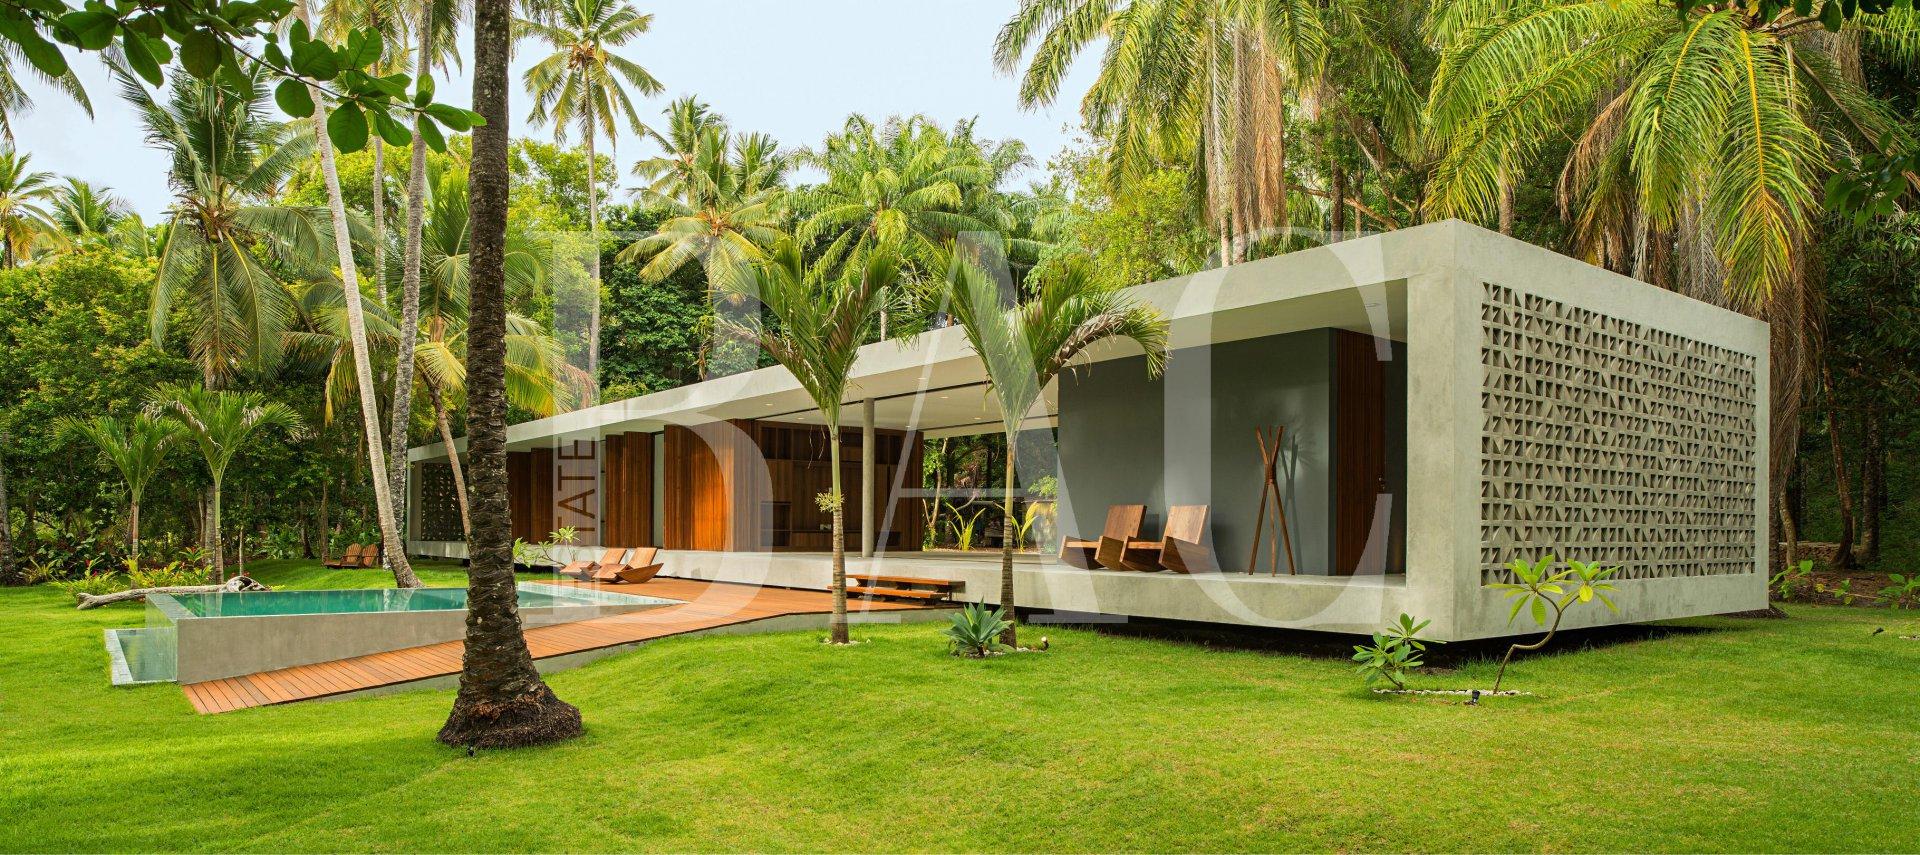 Villa moderne sur l'ile de  boipeba au Brésil